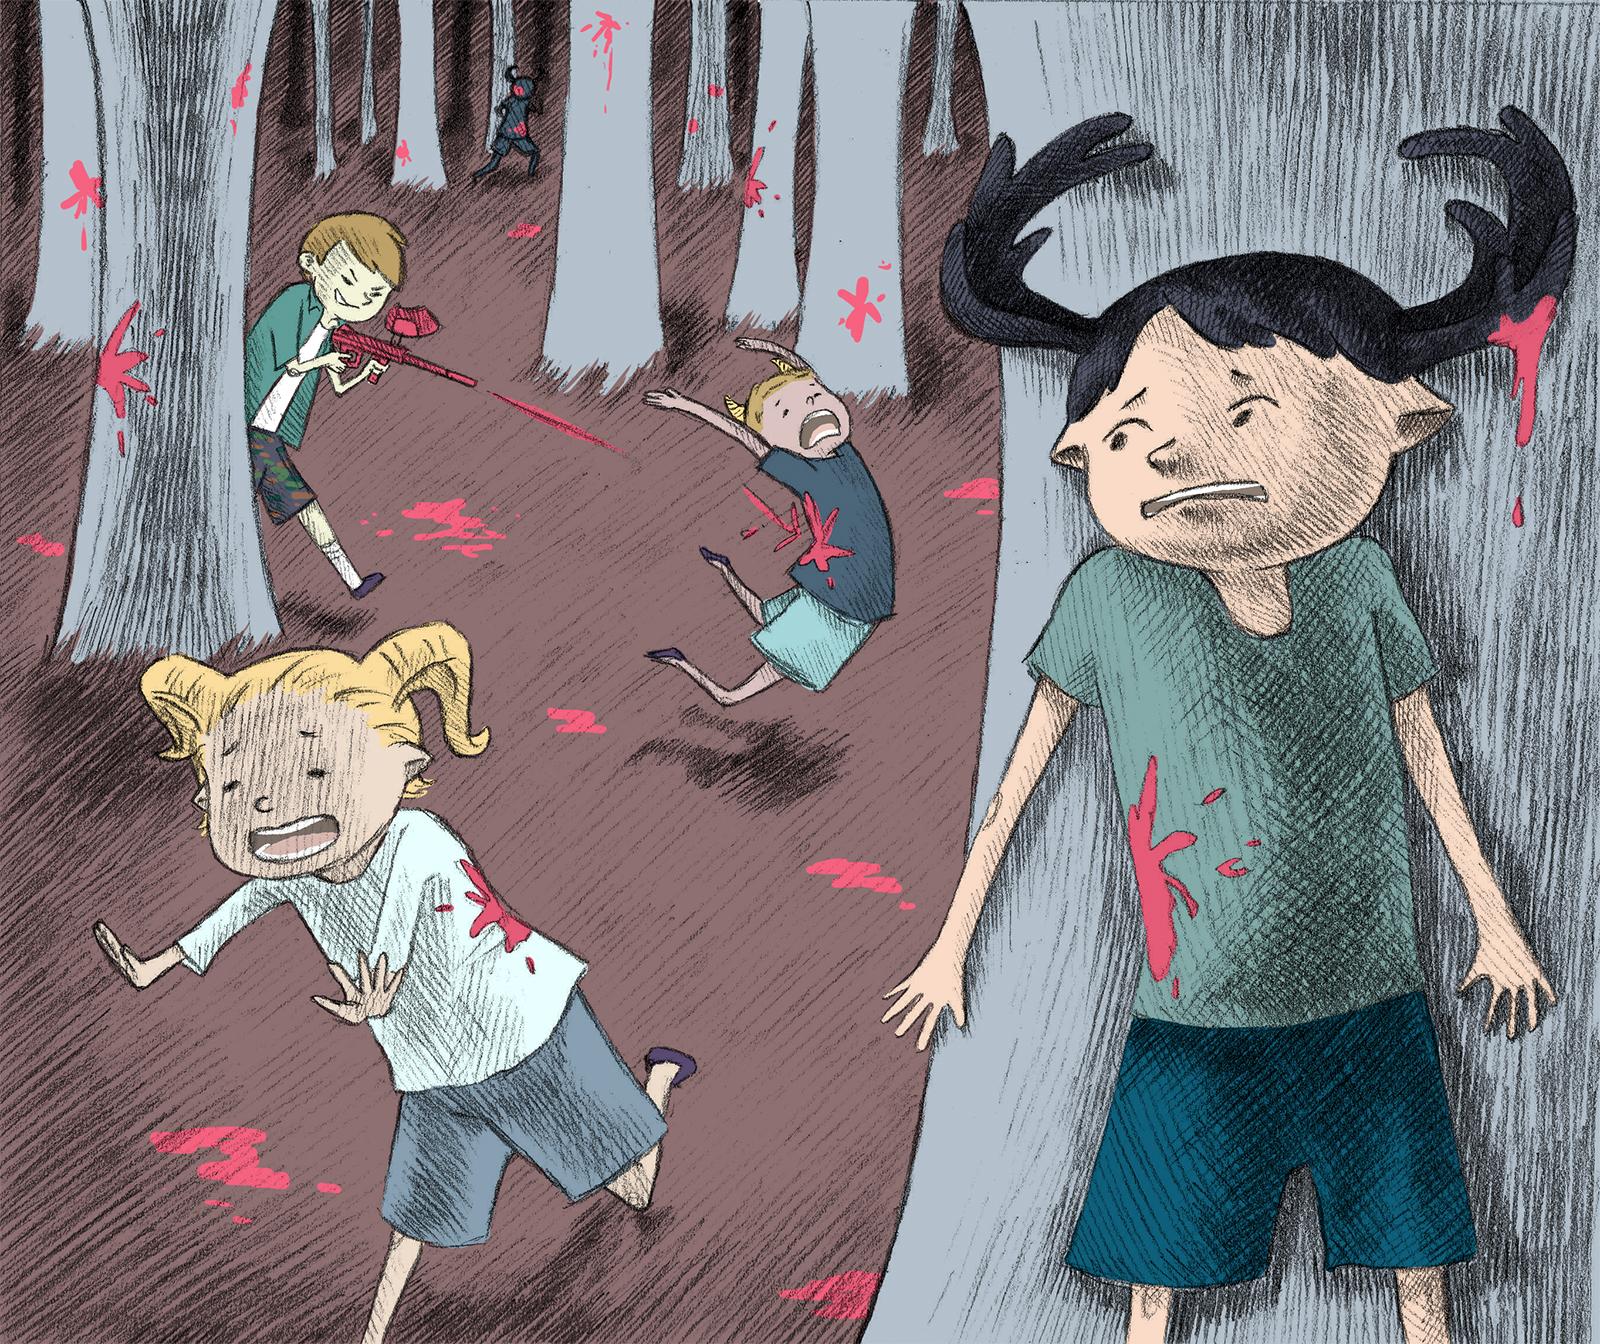 Illustration by Snowie Ku